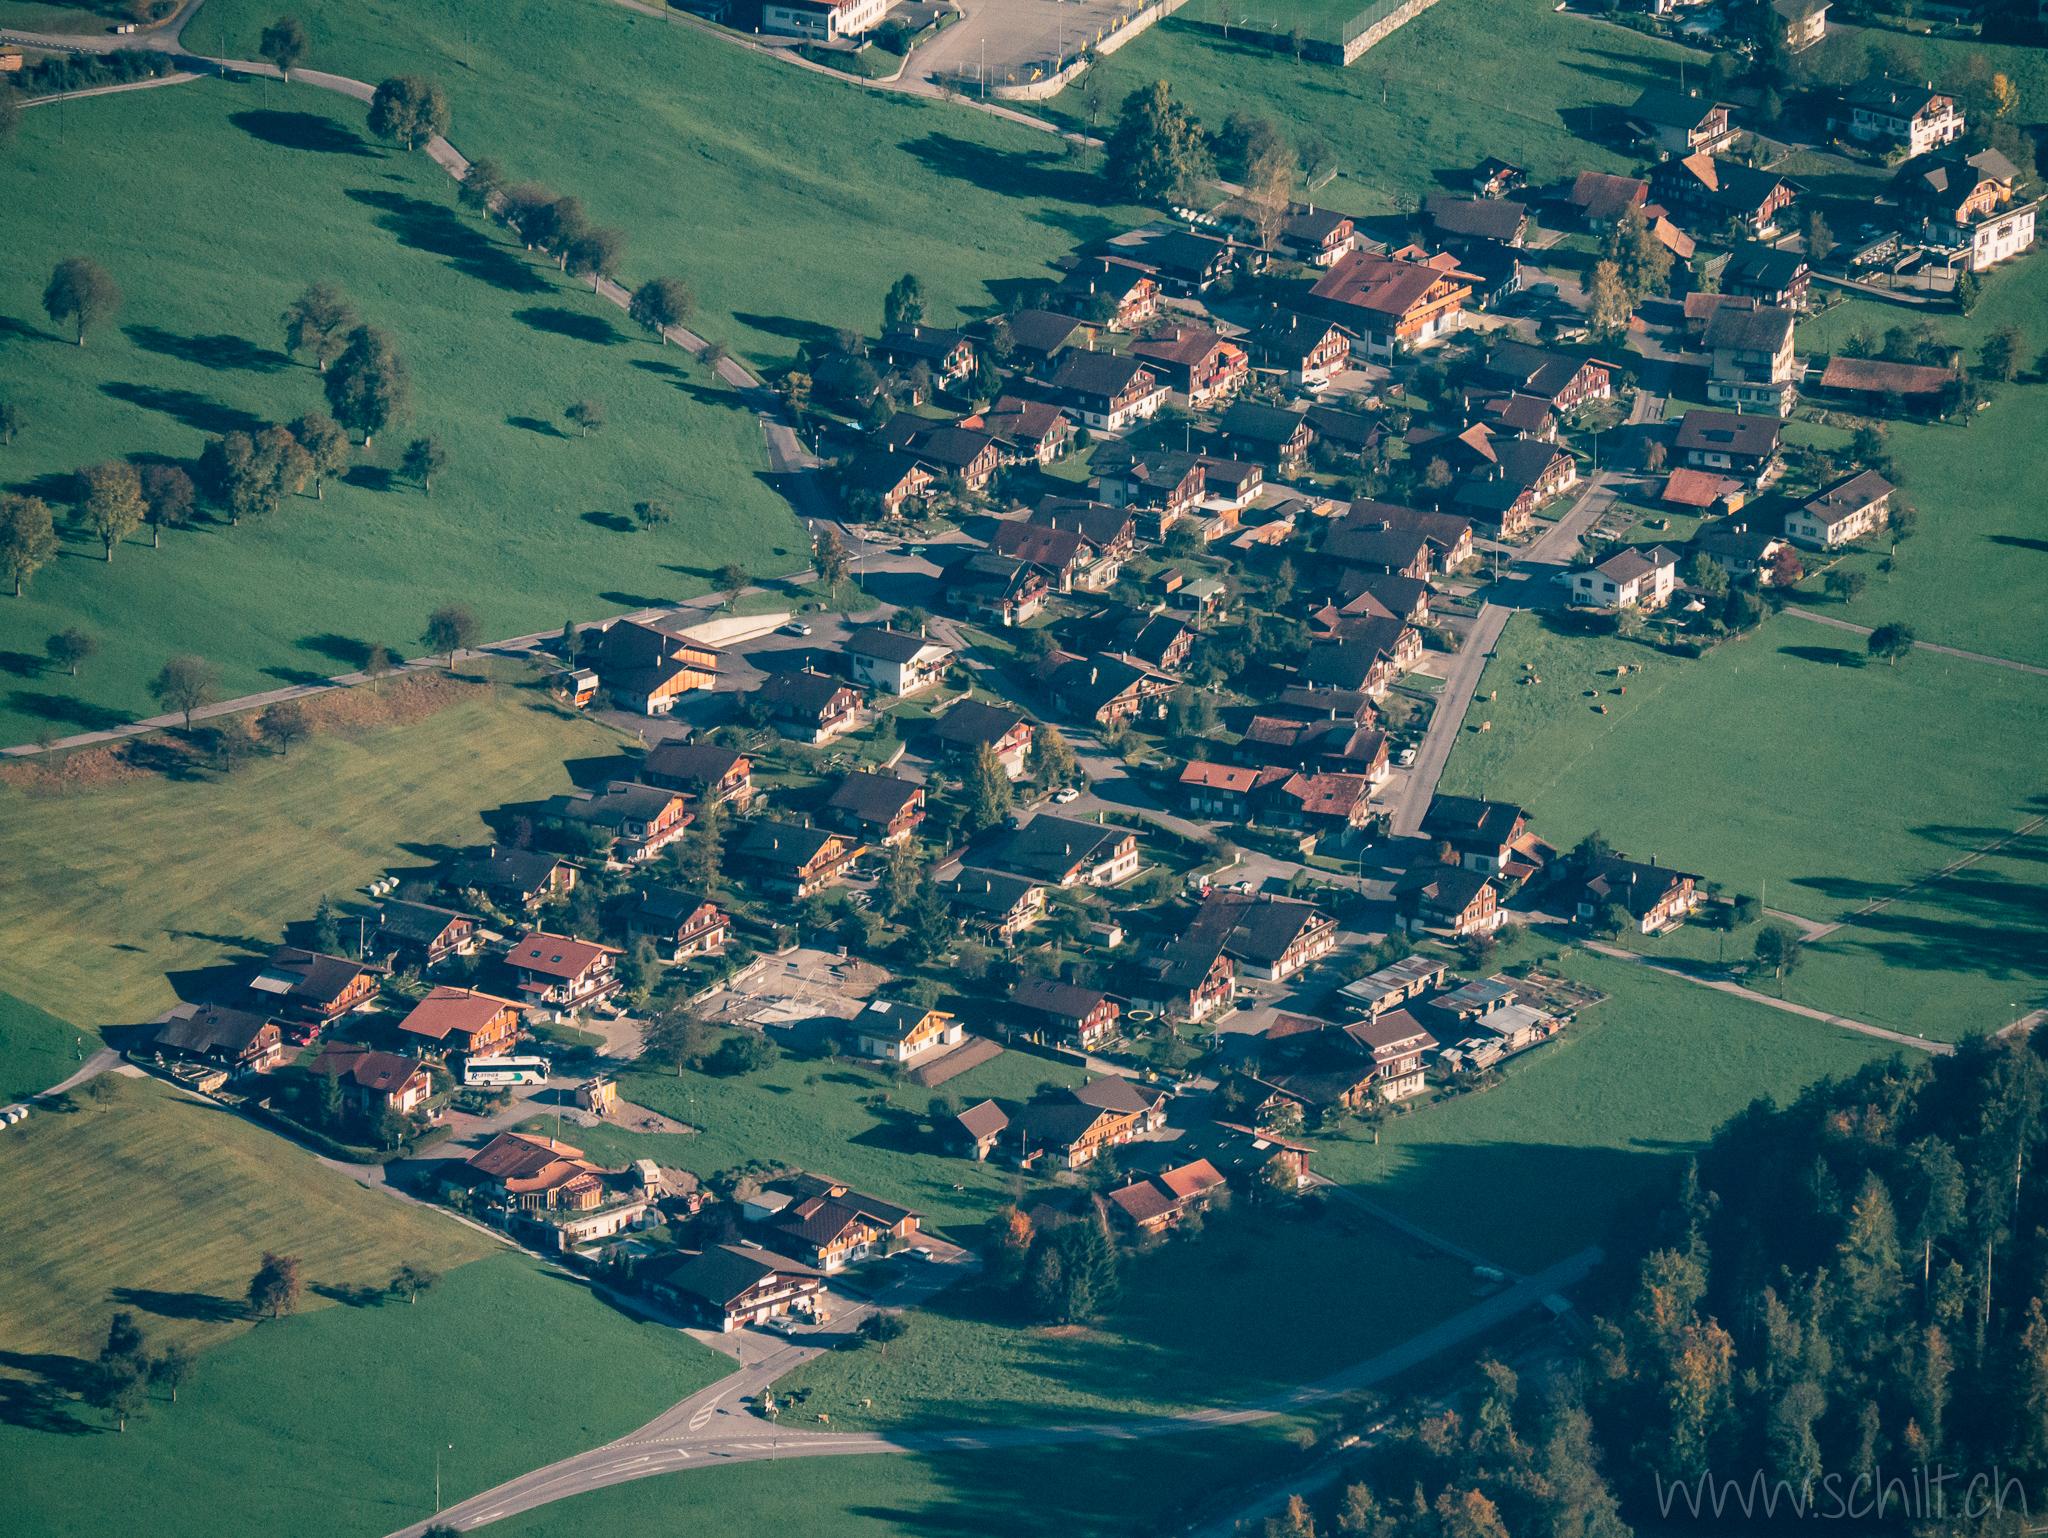 Blick auf Hofstetten/Allmend (wo ich aufgewachsen bin)